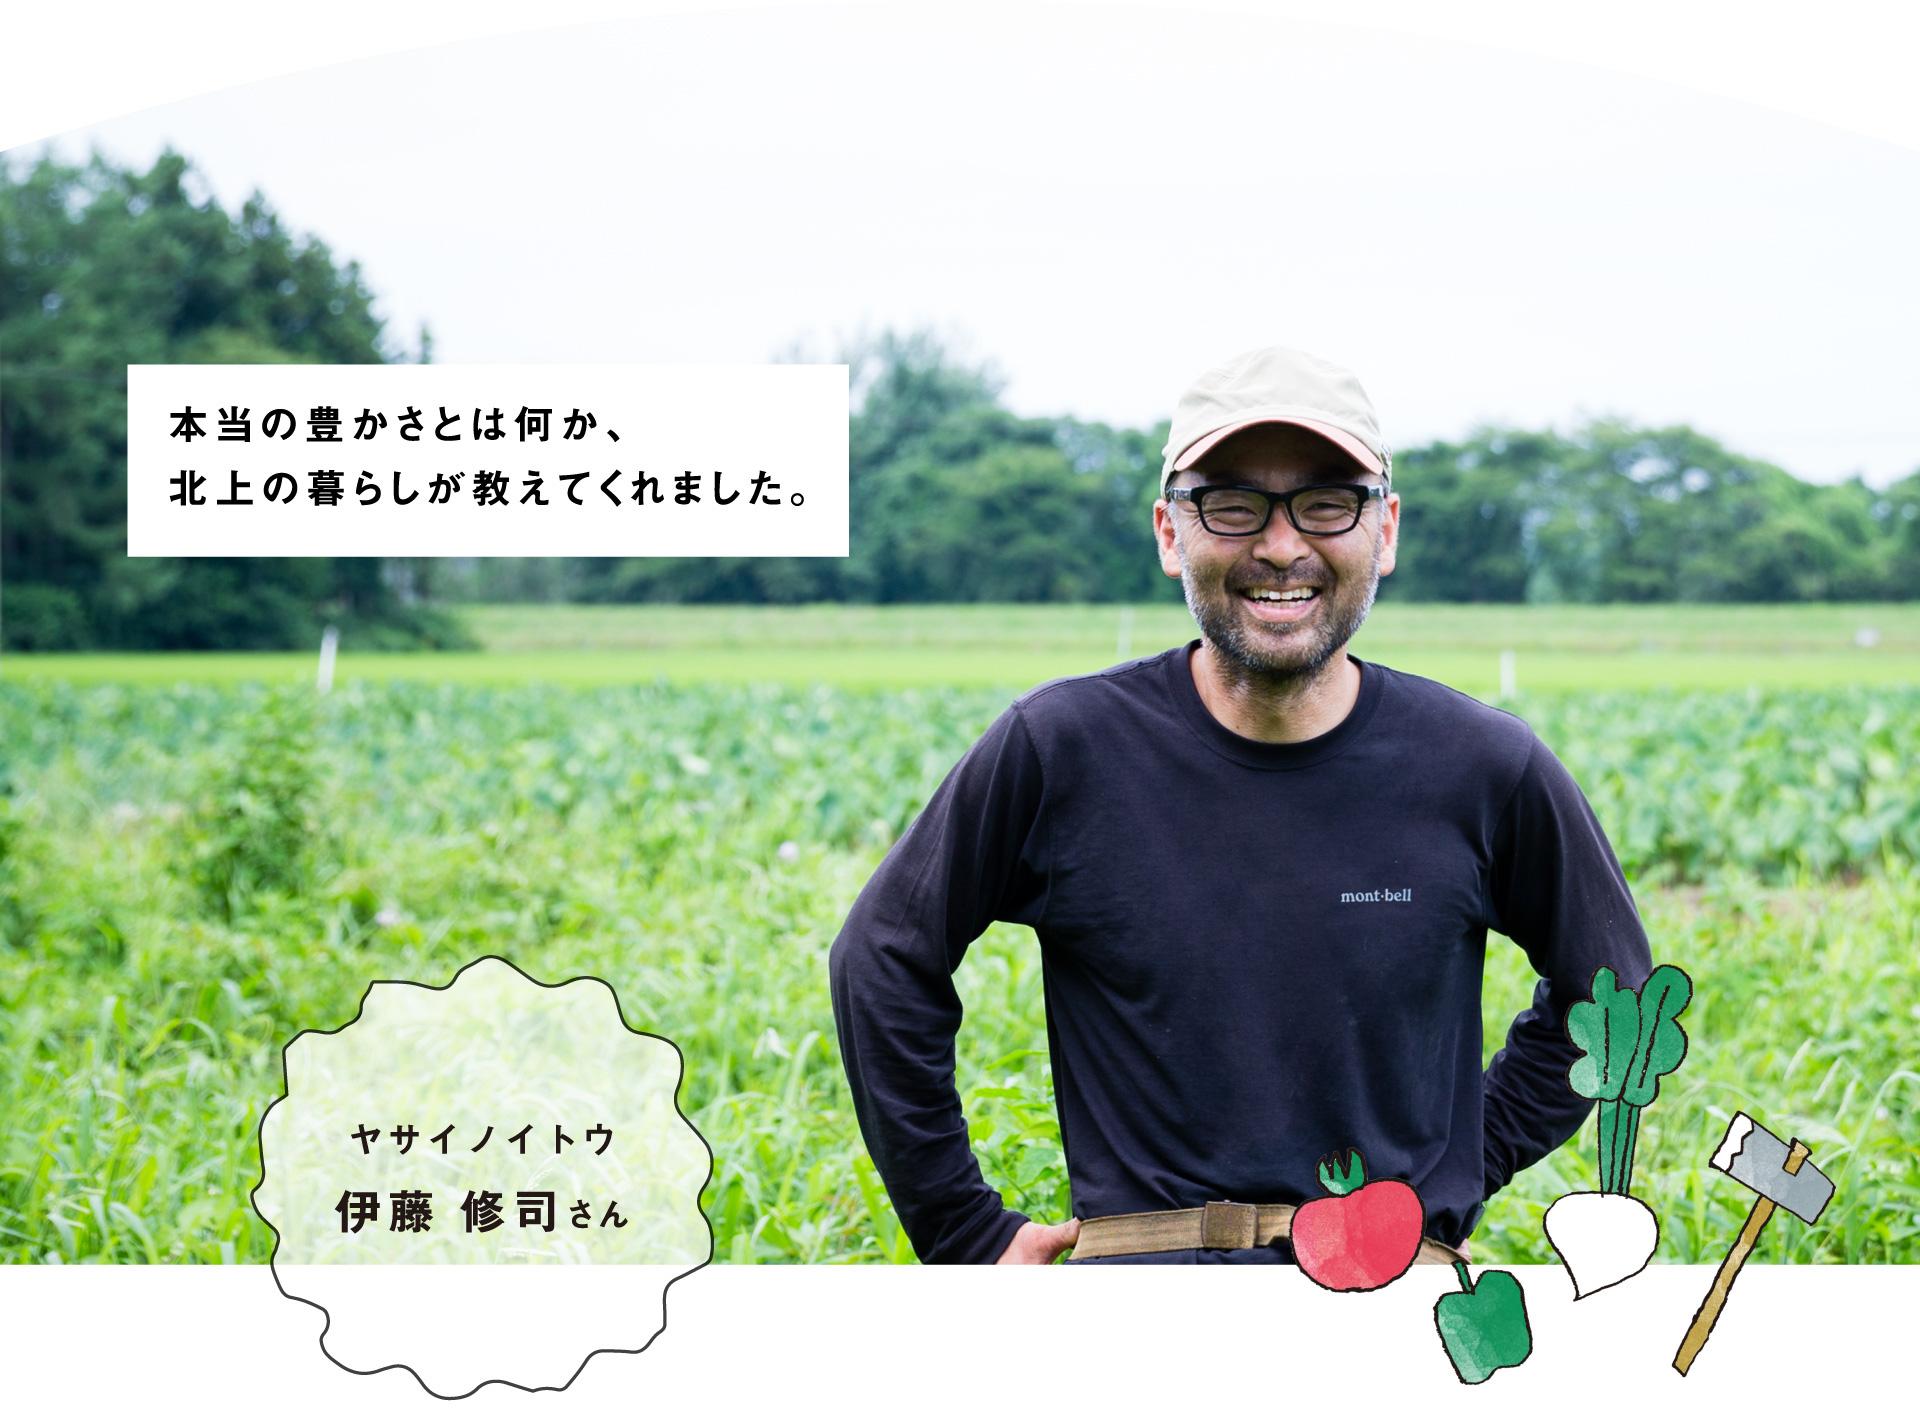 ヤサイノイトウ 伊藤修二さん